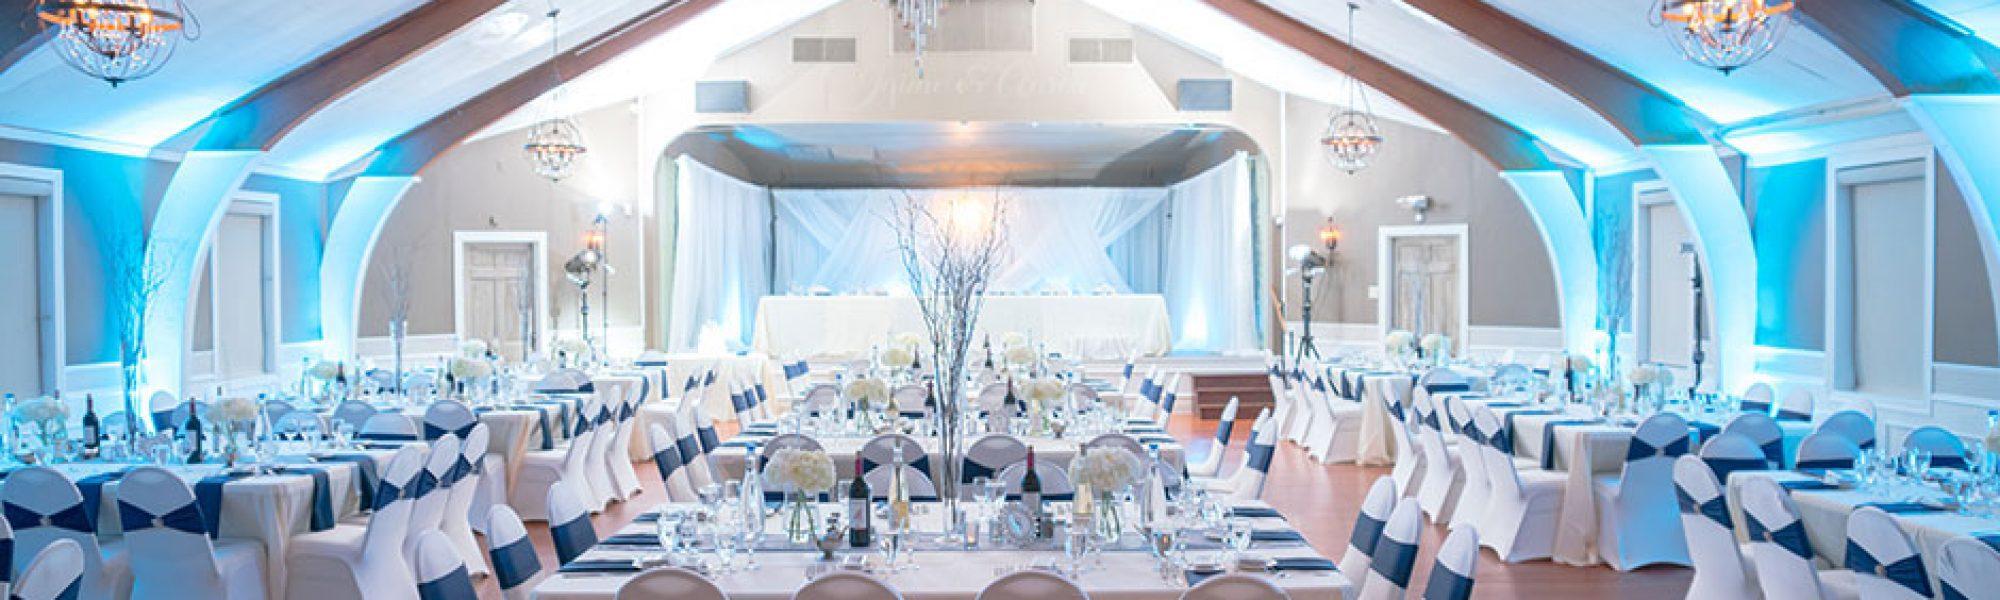 Reception Sites 101 Budget Friendly Venues Milwaukee Premier Bride